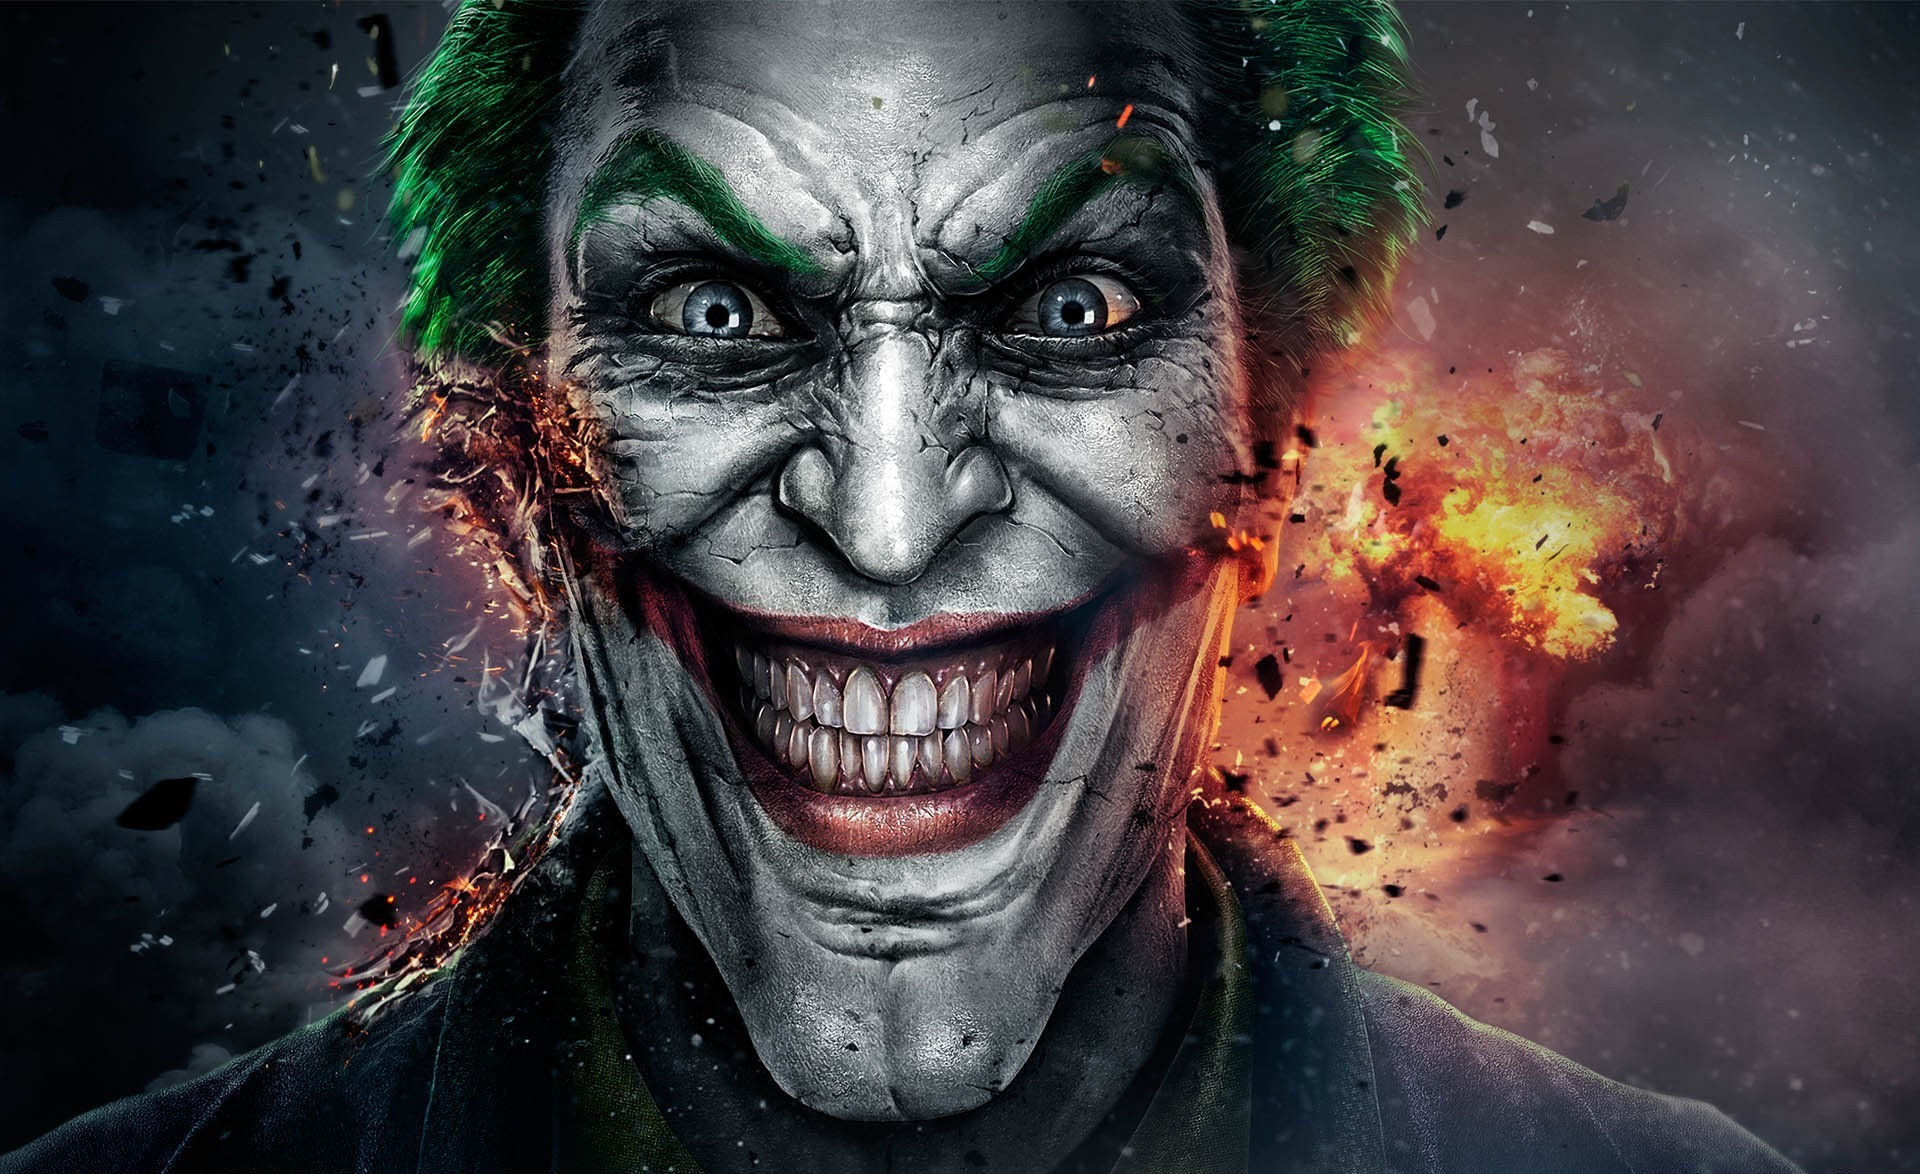 Hd wallpaper joker - The Joker Wallpaper 1920x1174